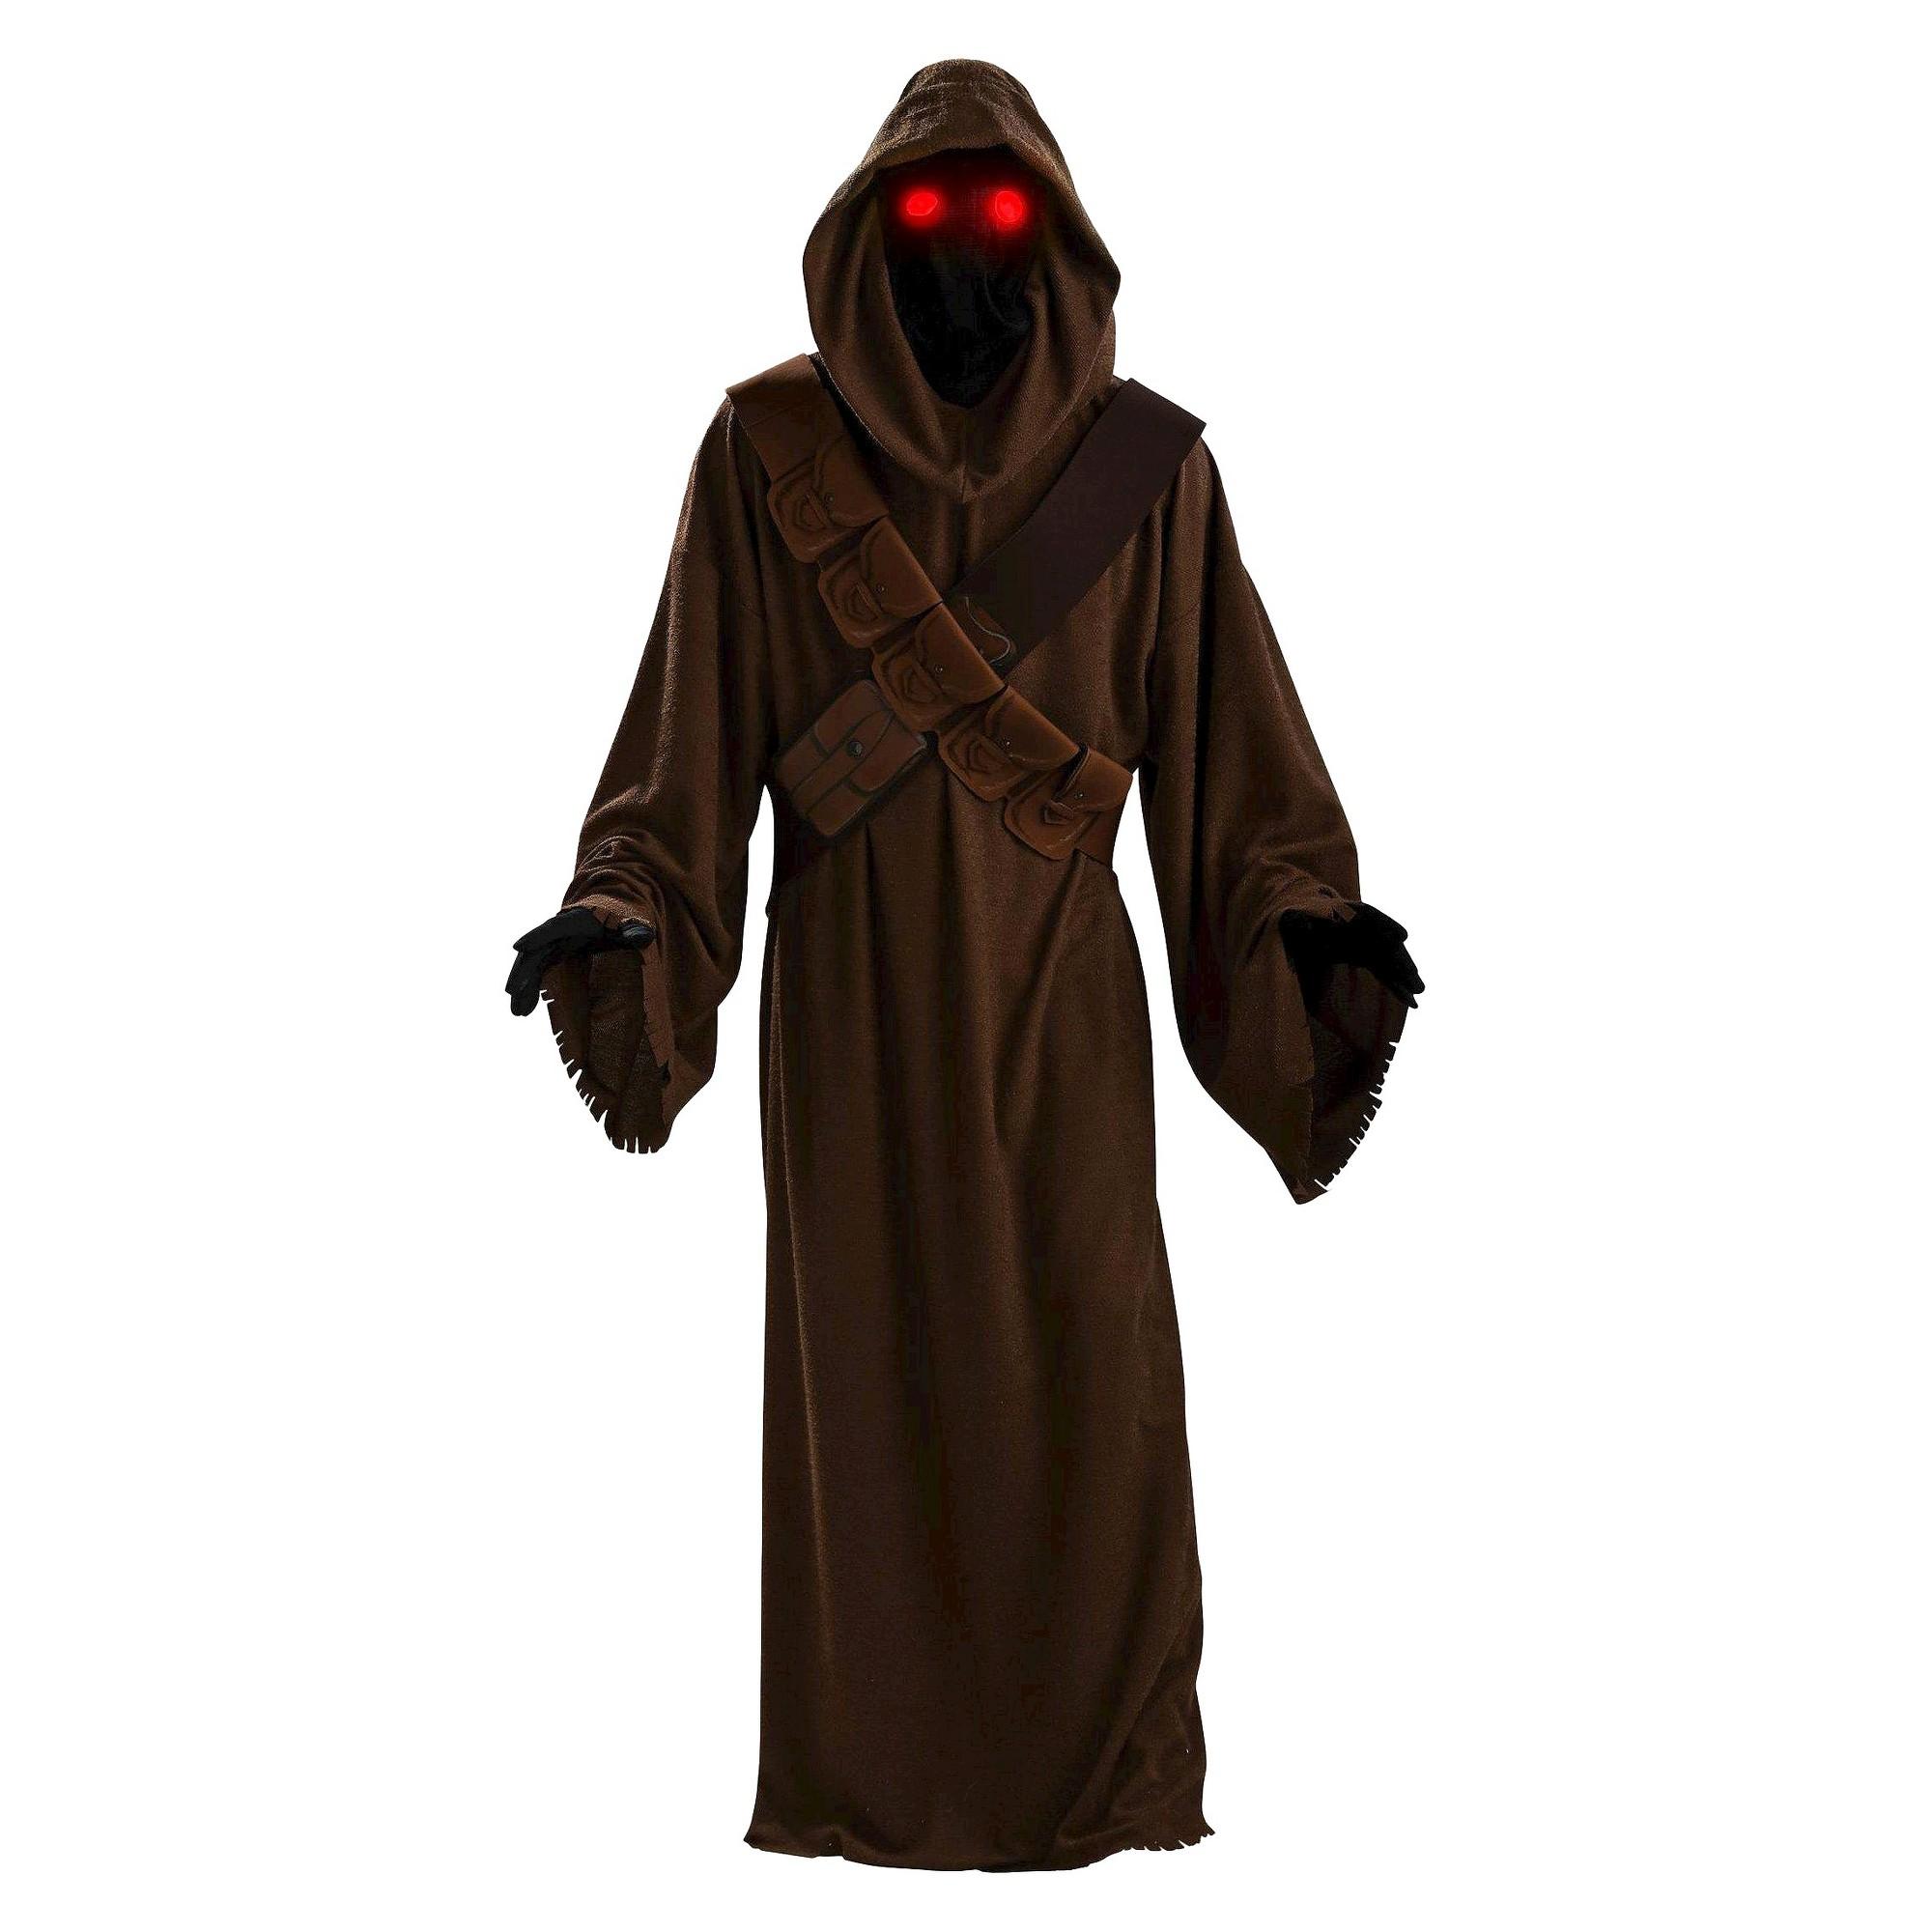 halloween adult star wars stormtrooper costume, men's, brown | star